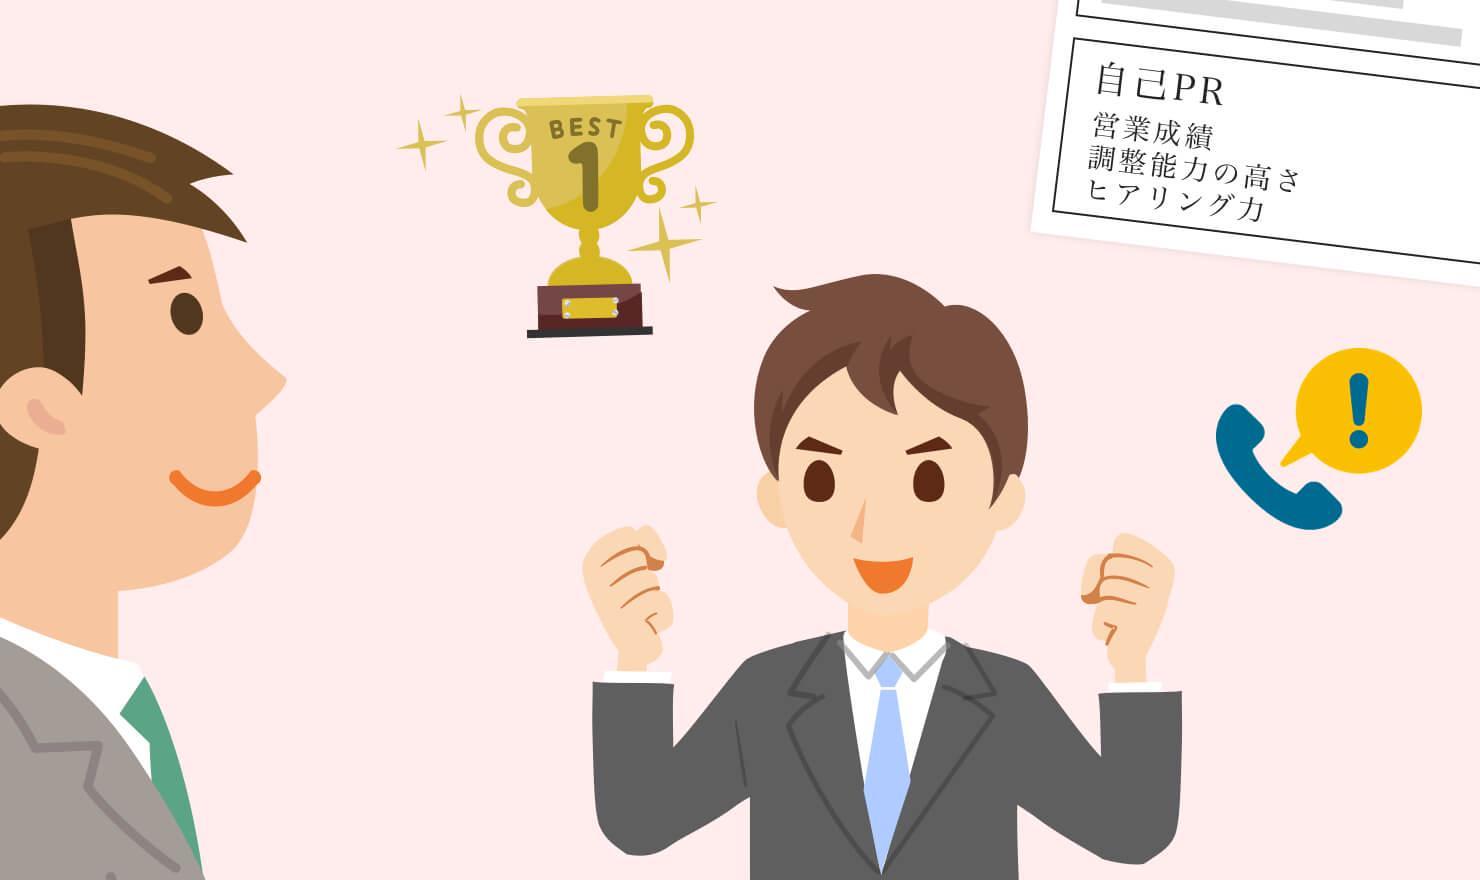 【実例を紹介!】営業職で評価される自己PRとは?